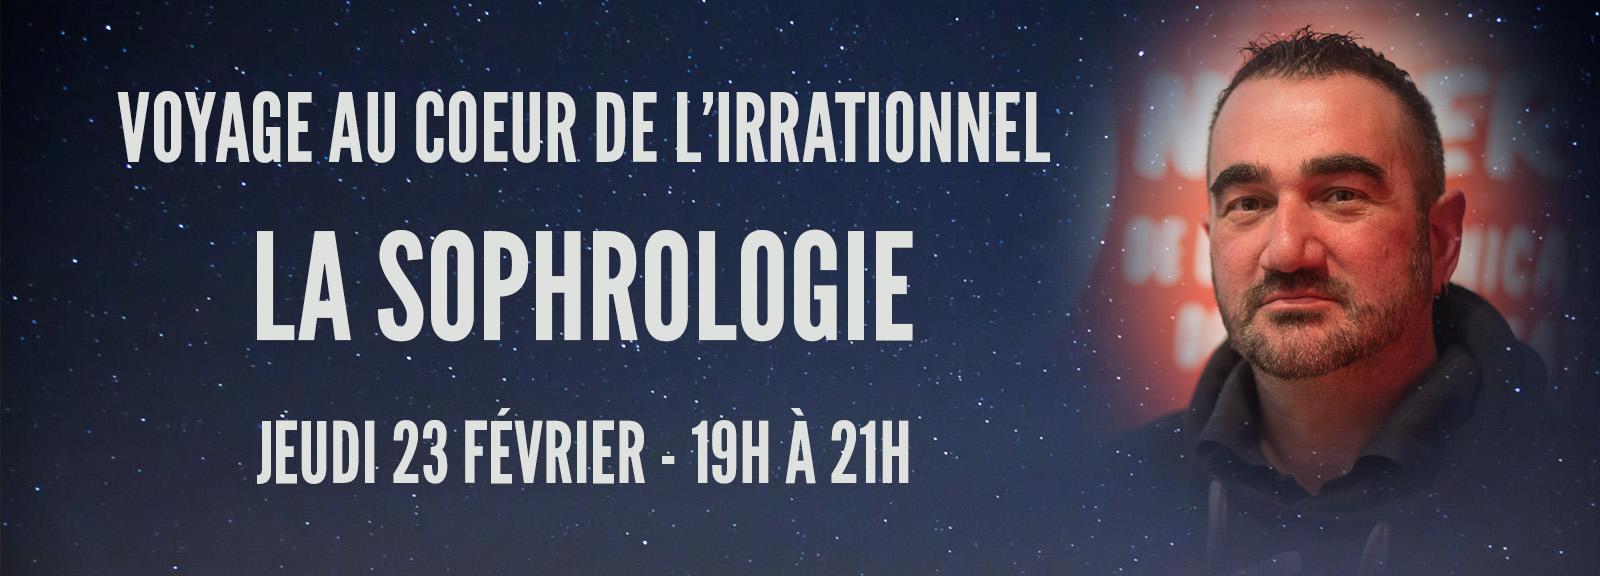 Voyage au coeur de l'irrationnel 4 : La sophrologie